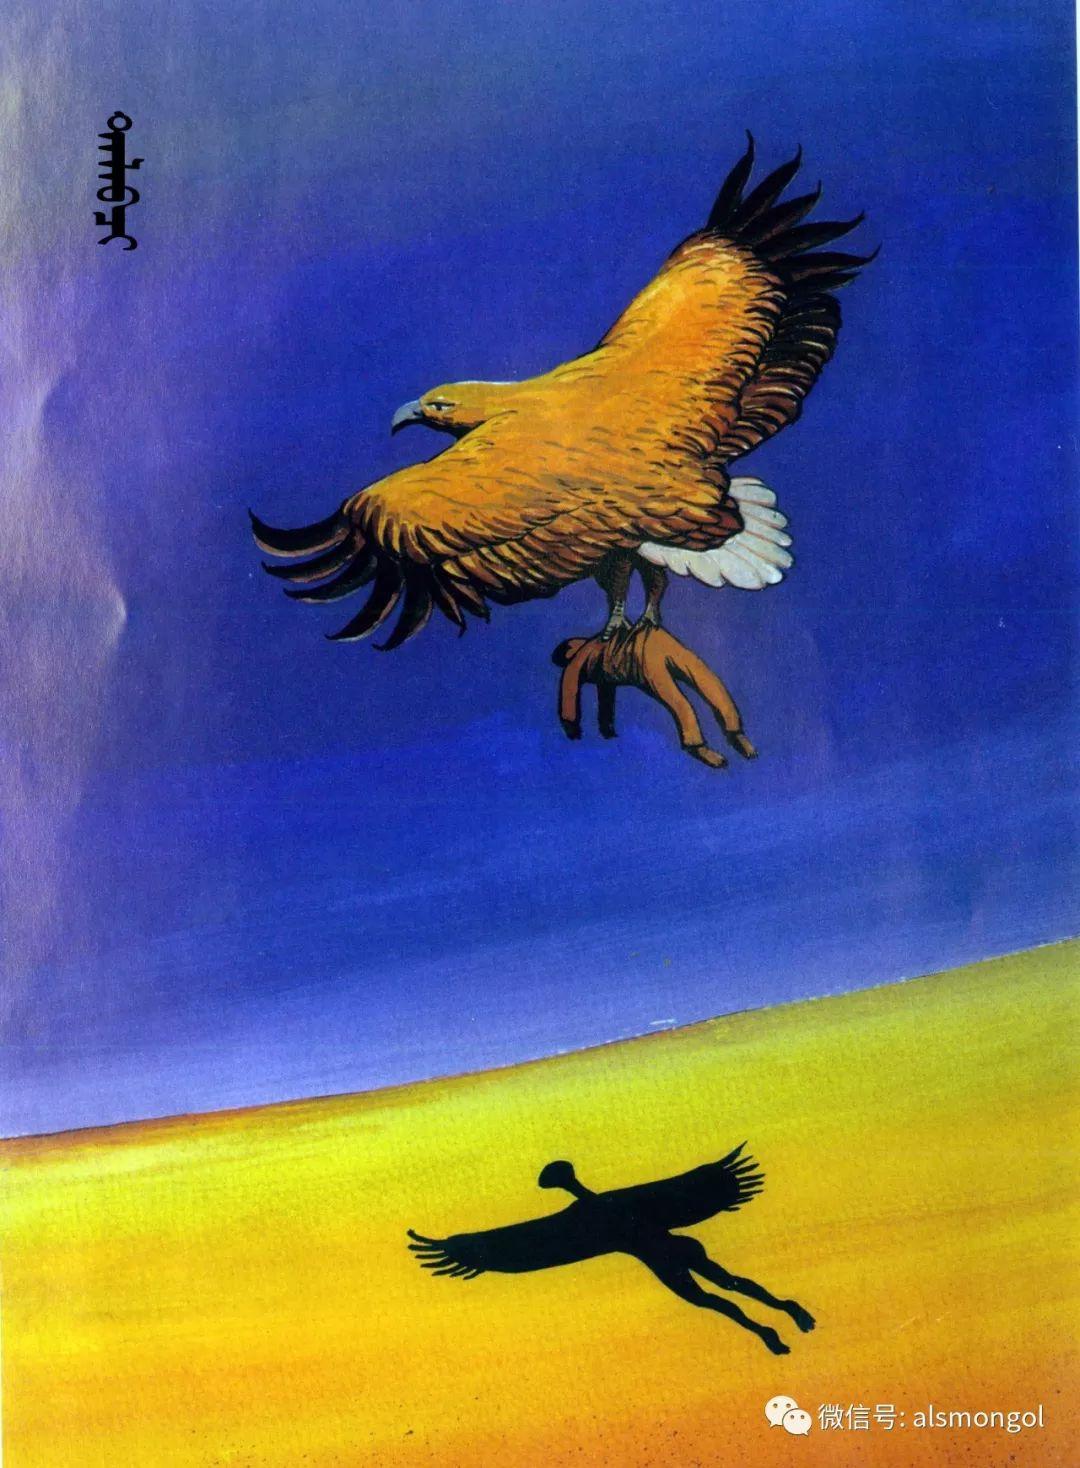 值得一看的蒙古漫画! 第5张 值得一看的蒙古漫画! 蒙古画廊